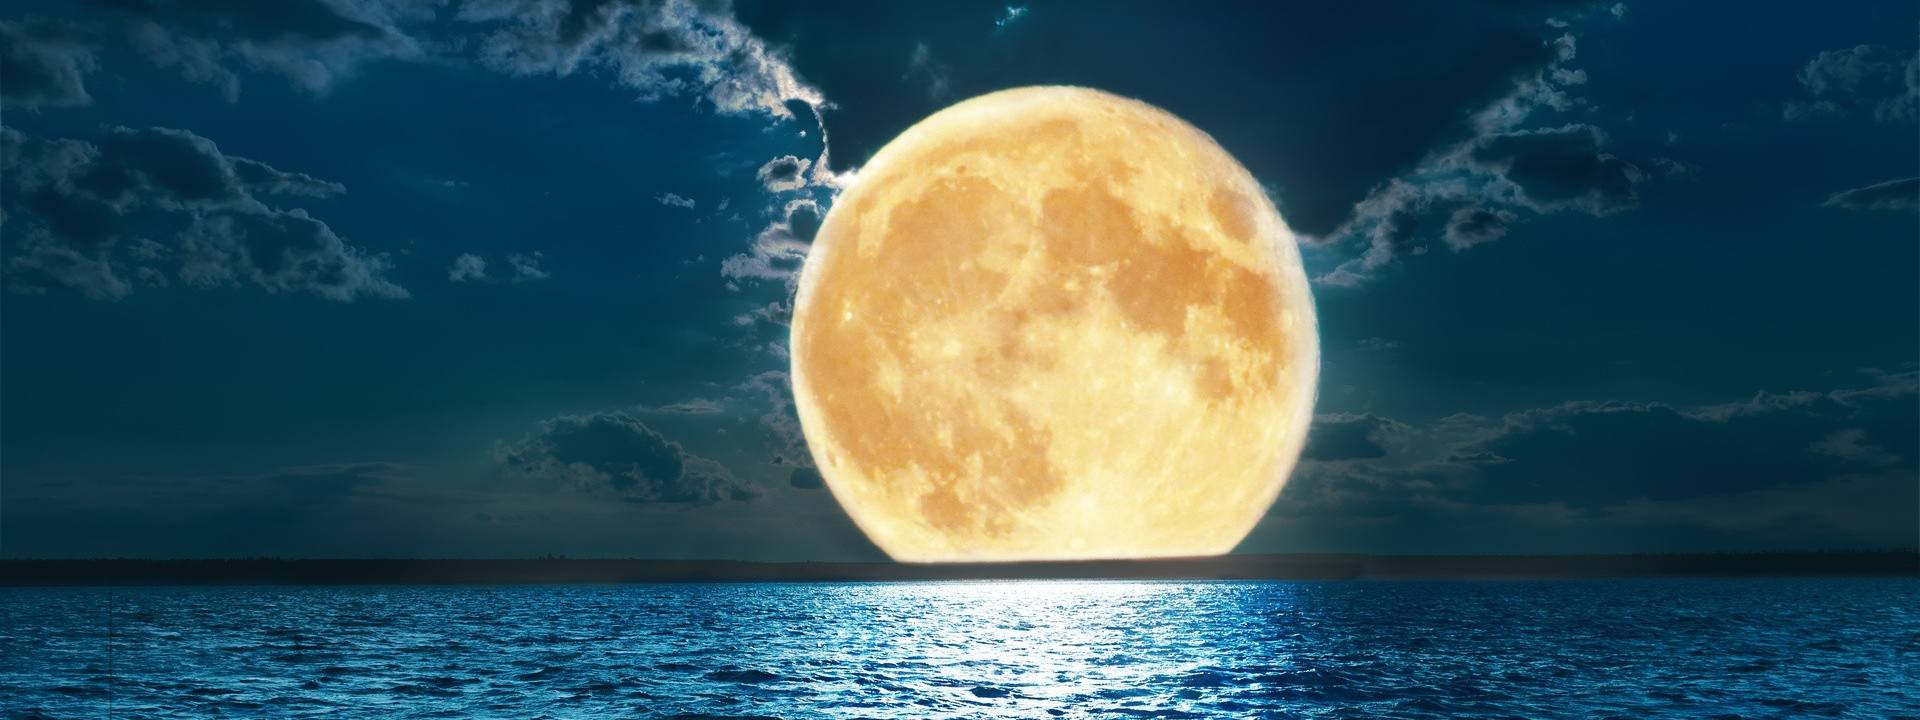 Truskawkowy Księżyc (5.06.2020 r.). Optymistyczna pełnia z półcieniowym zaćmieniem Księżyca. Gdzie można je zobaczyć?